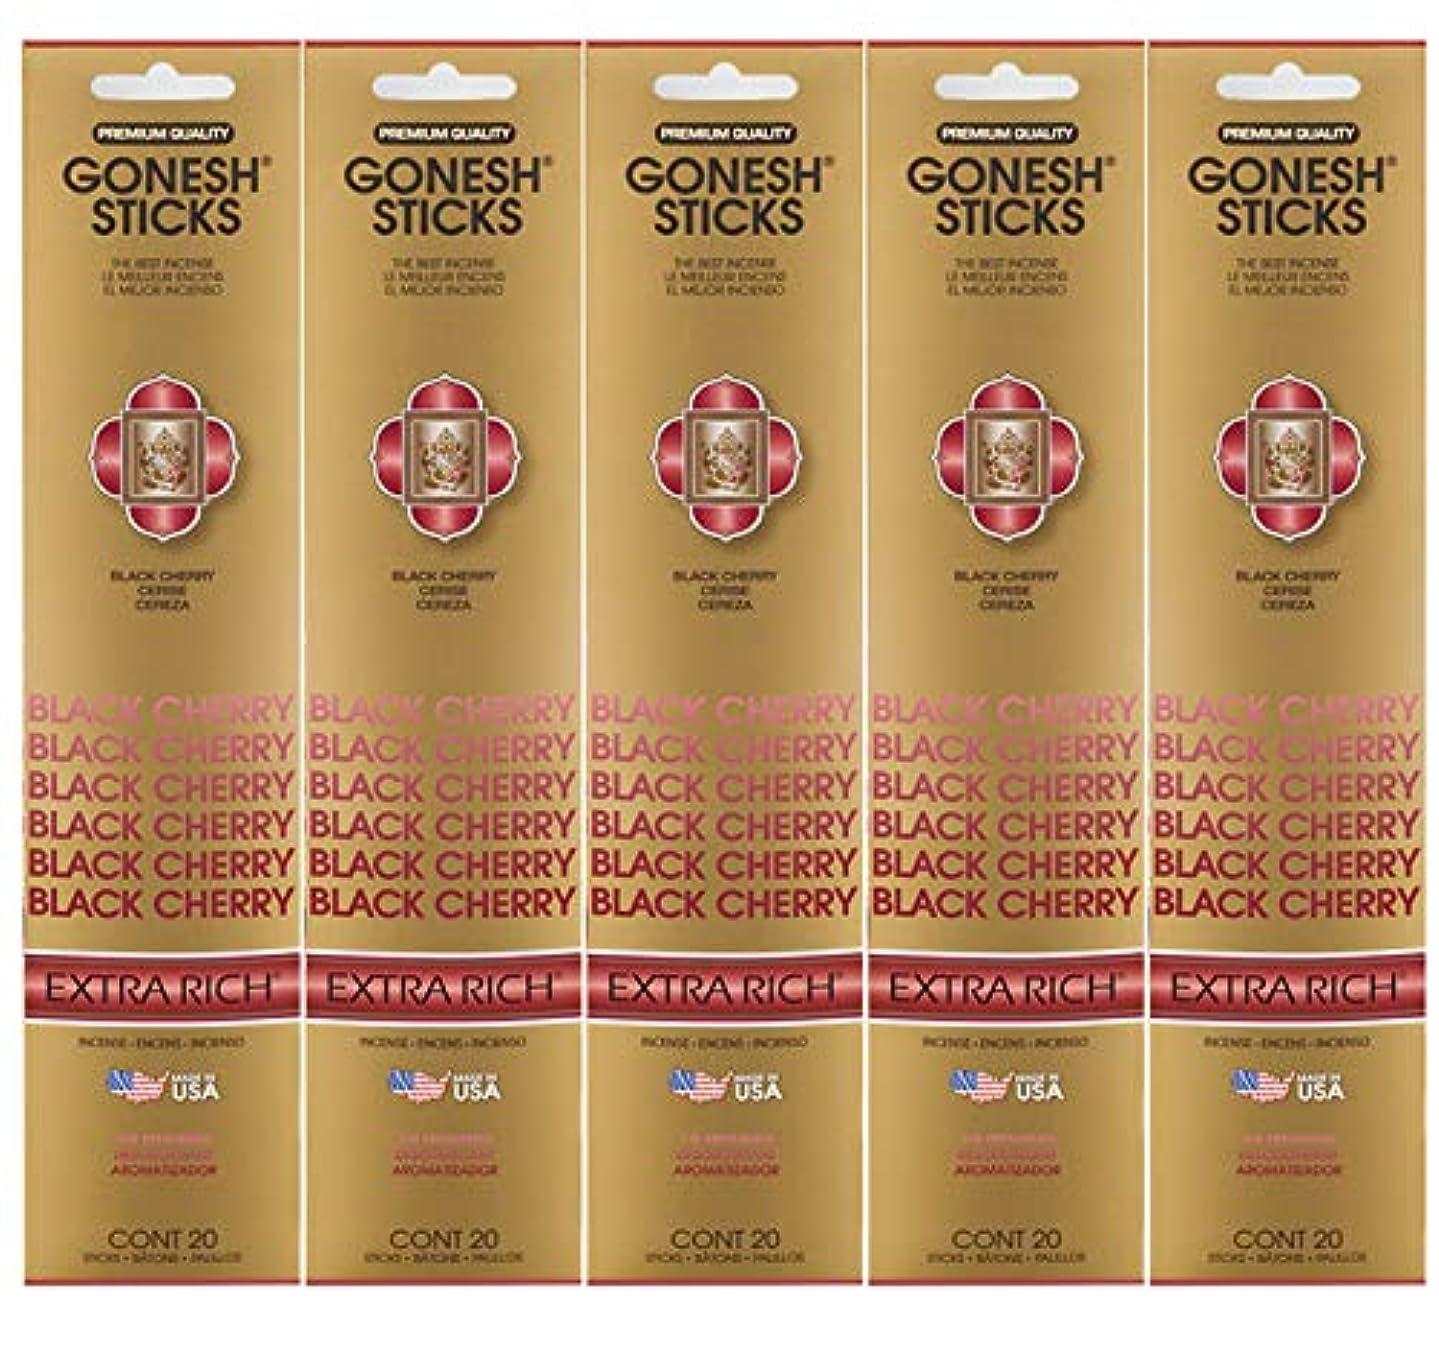 制限する粉砕する面白いGonesh お香スティック エクストラリッチコレクション ブラックチェリー 5パック 合計100本